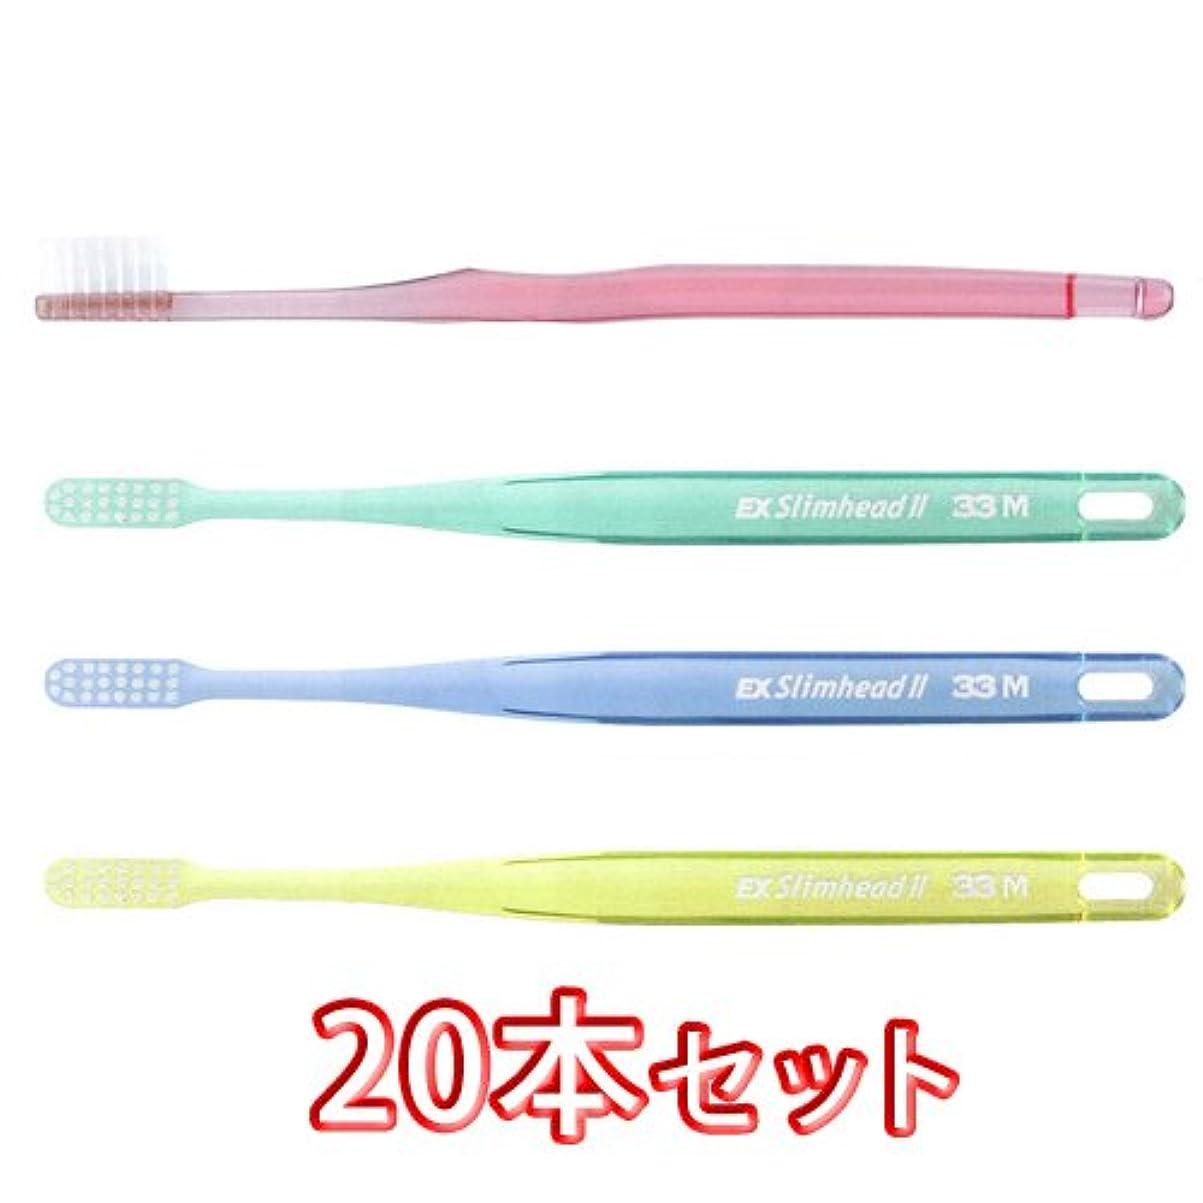 シェフ散るラショナルライオン スリムヘッド2 歯ブラシ DENT . EX Slimhead2 20本入 (33M)